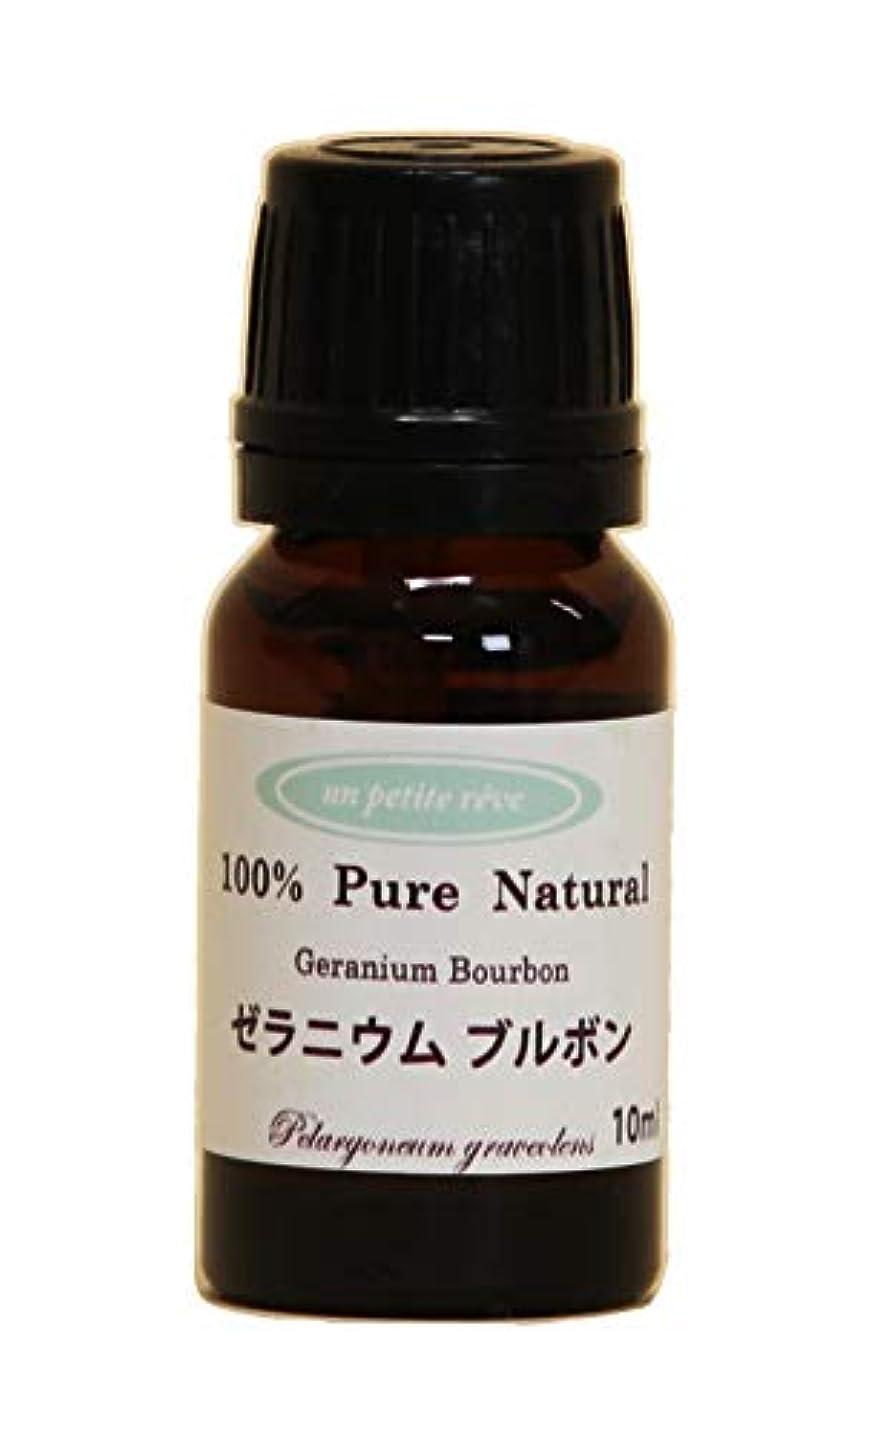 確執仲人艦隊ゼラニウムブルボン  10ml 100%天然アロマエッセンシャルオイル(精油)